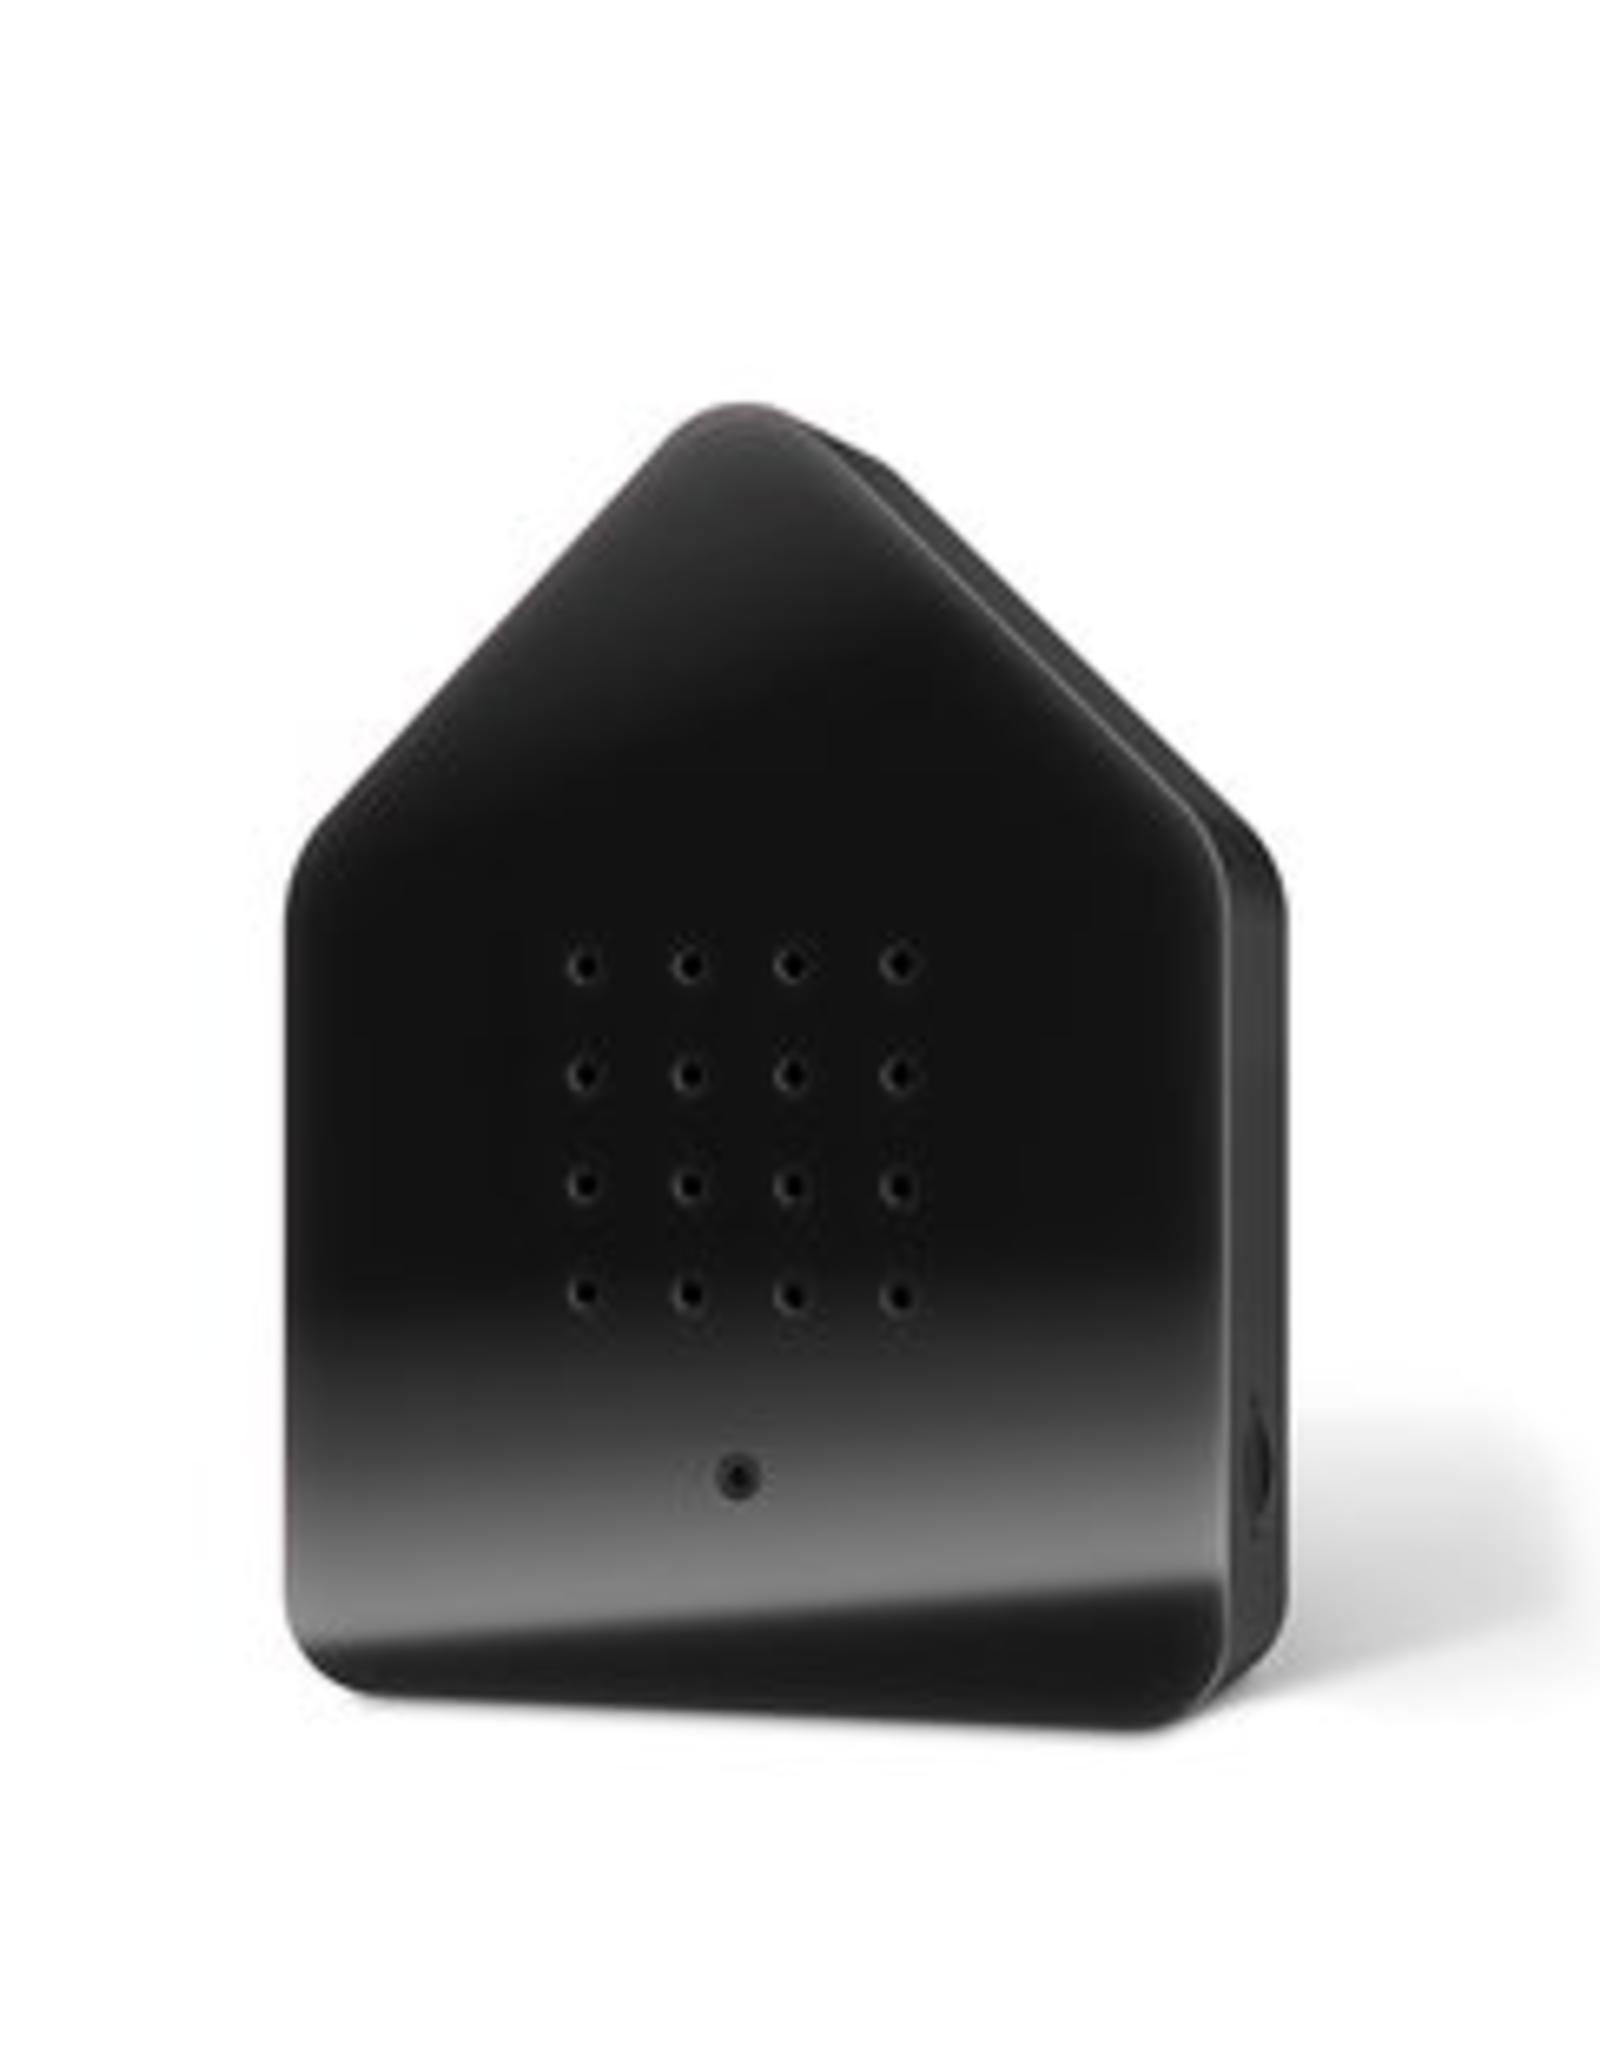 Zwitscherbox Zwitscherbox - Black black